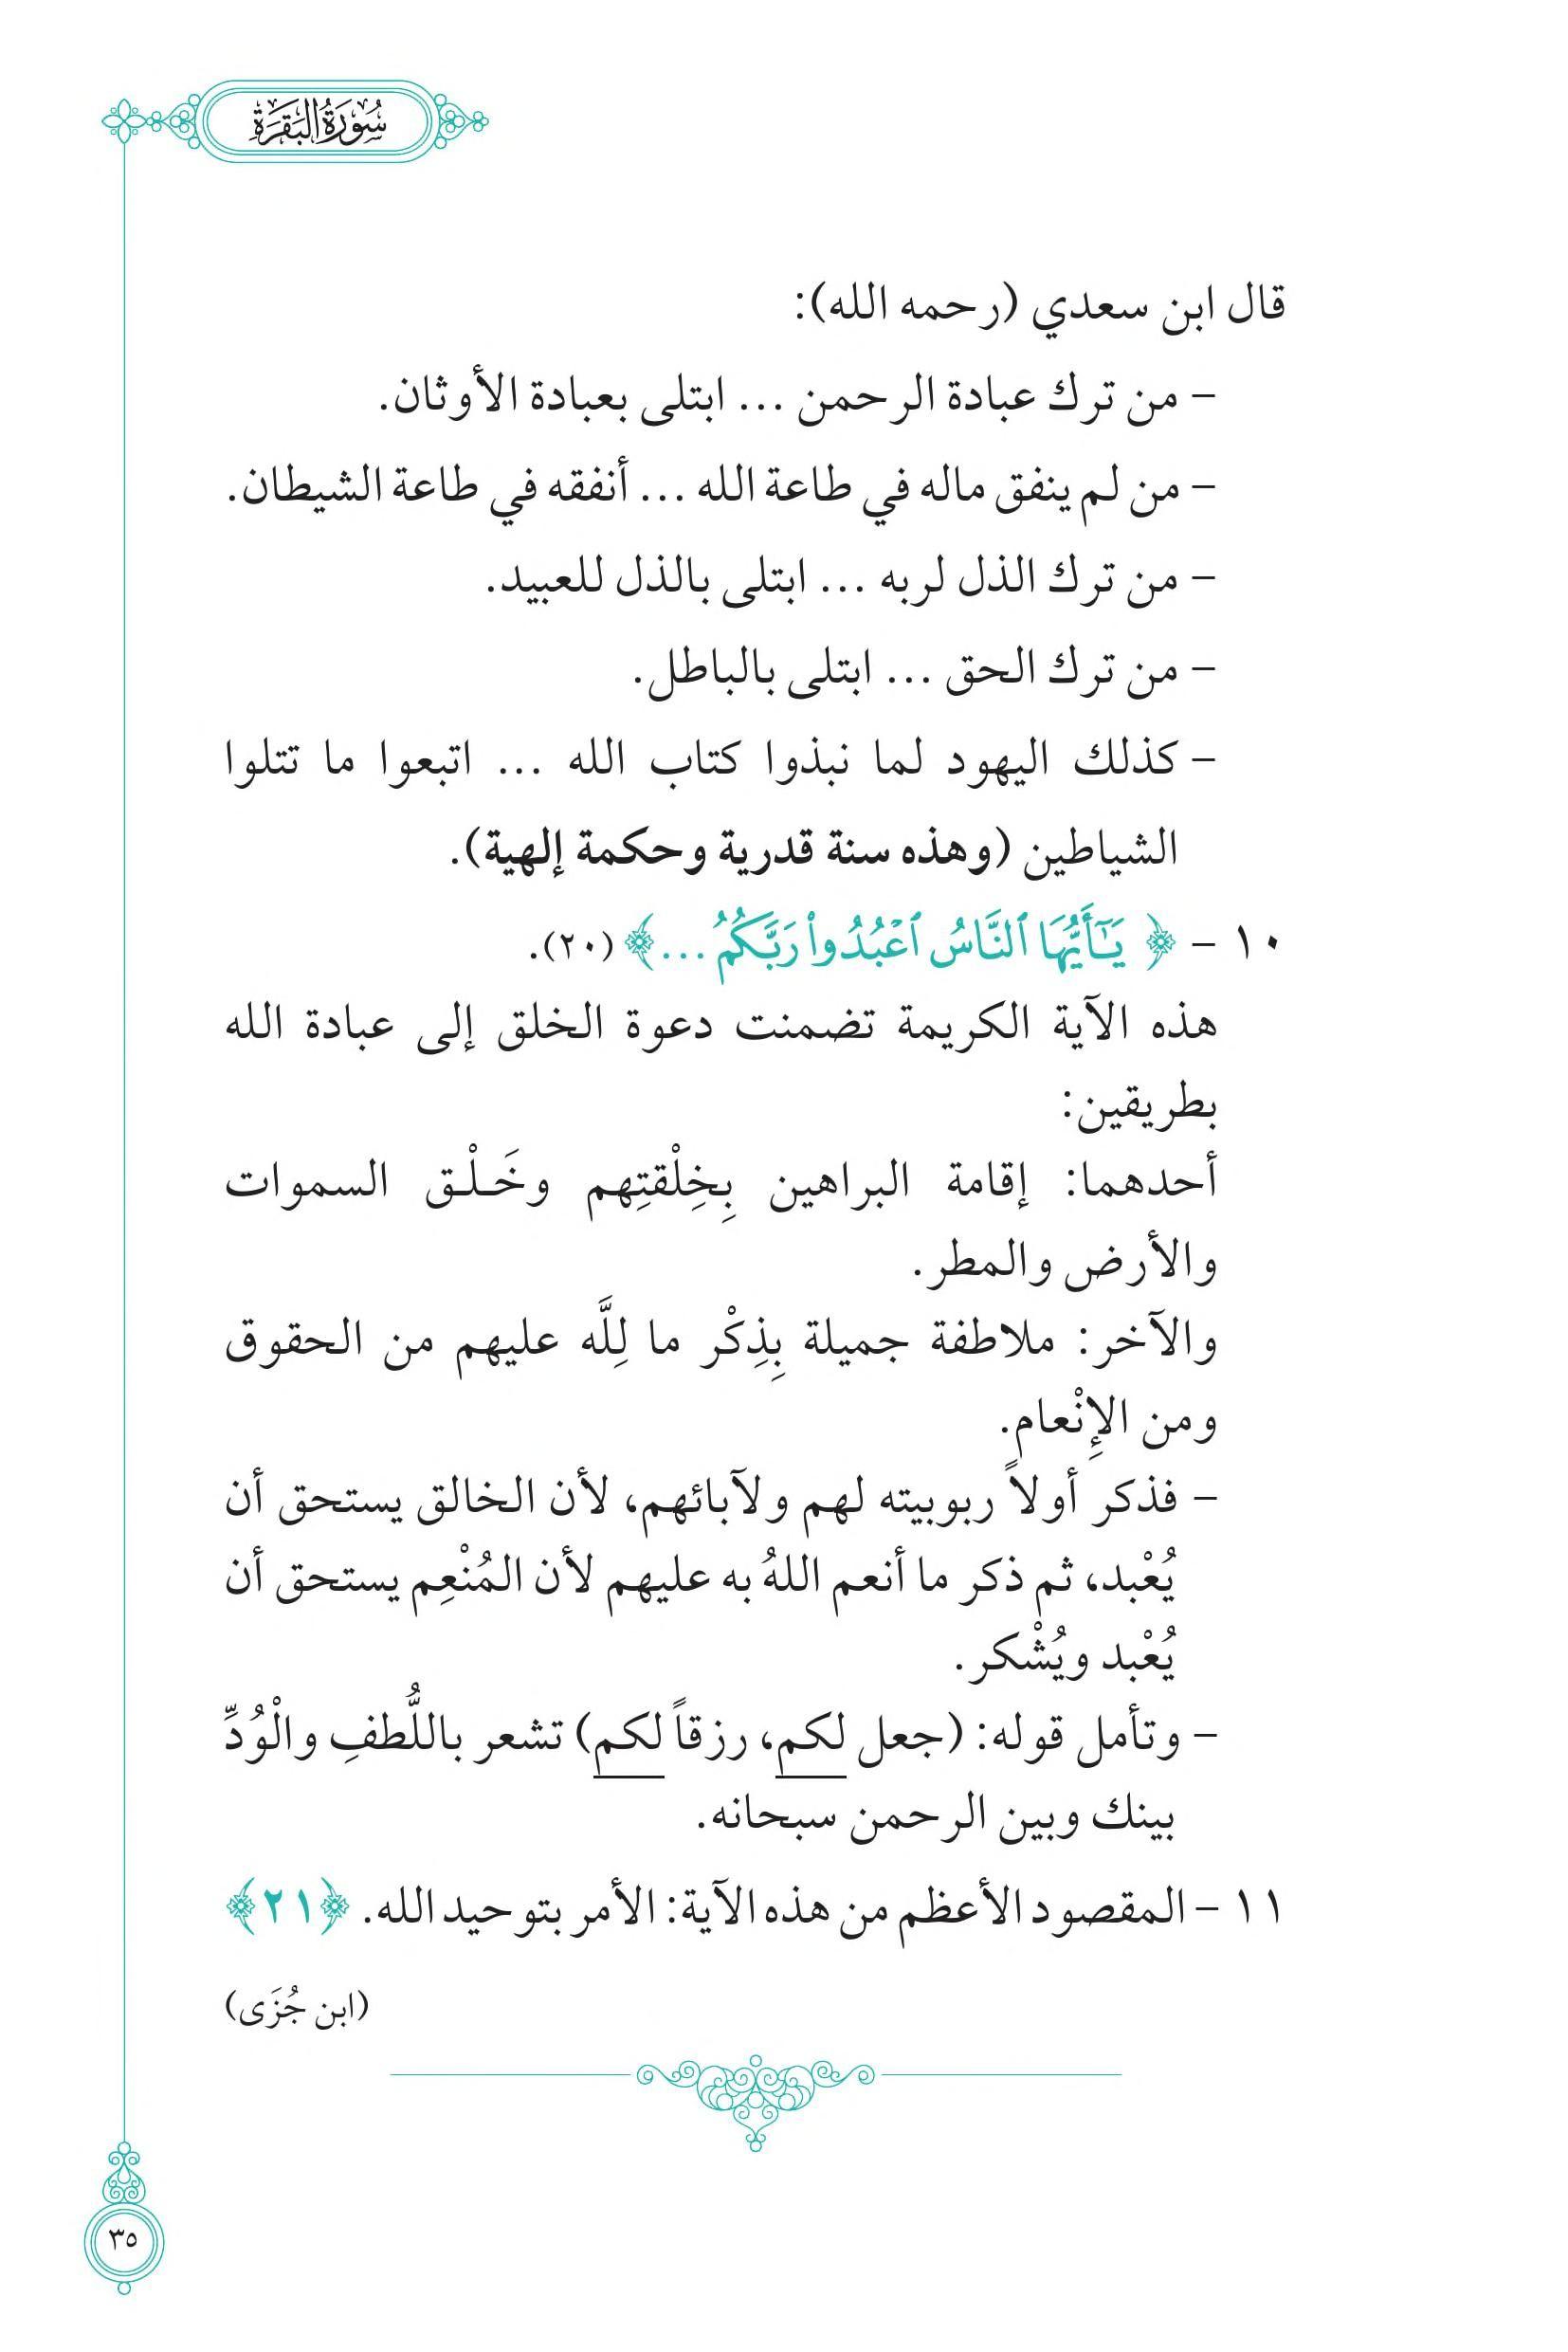 كتاب أول مرة أتدبر القرآن Free Download Borrow And Streaming Internet Archive In 2020 Arabic Books Texts Internet Archive